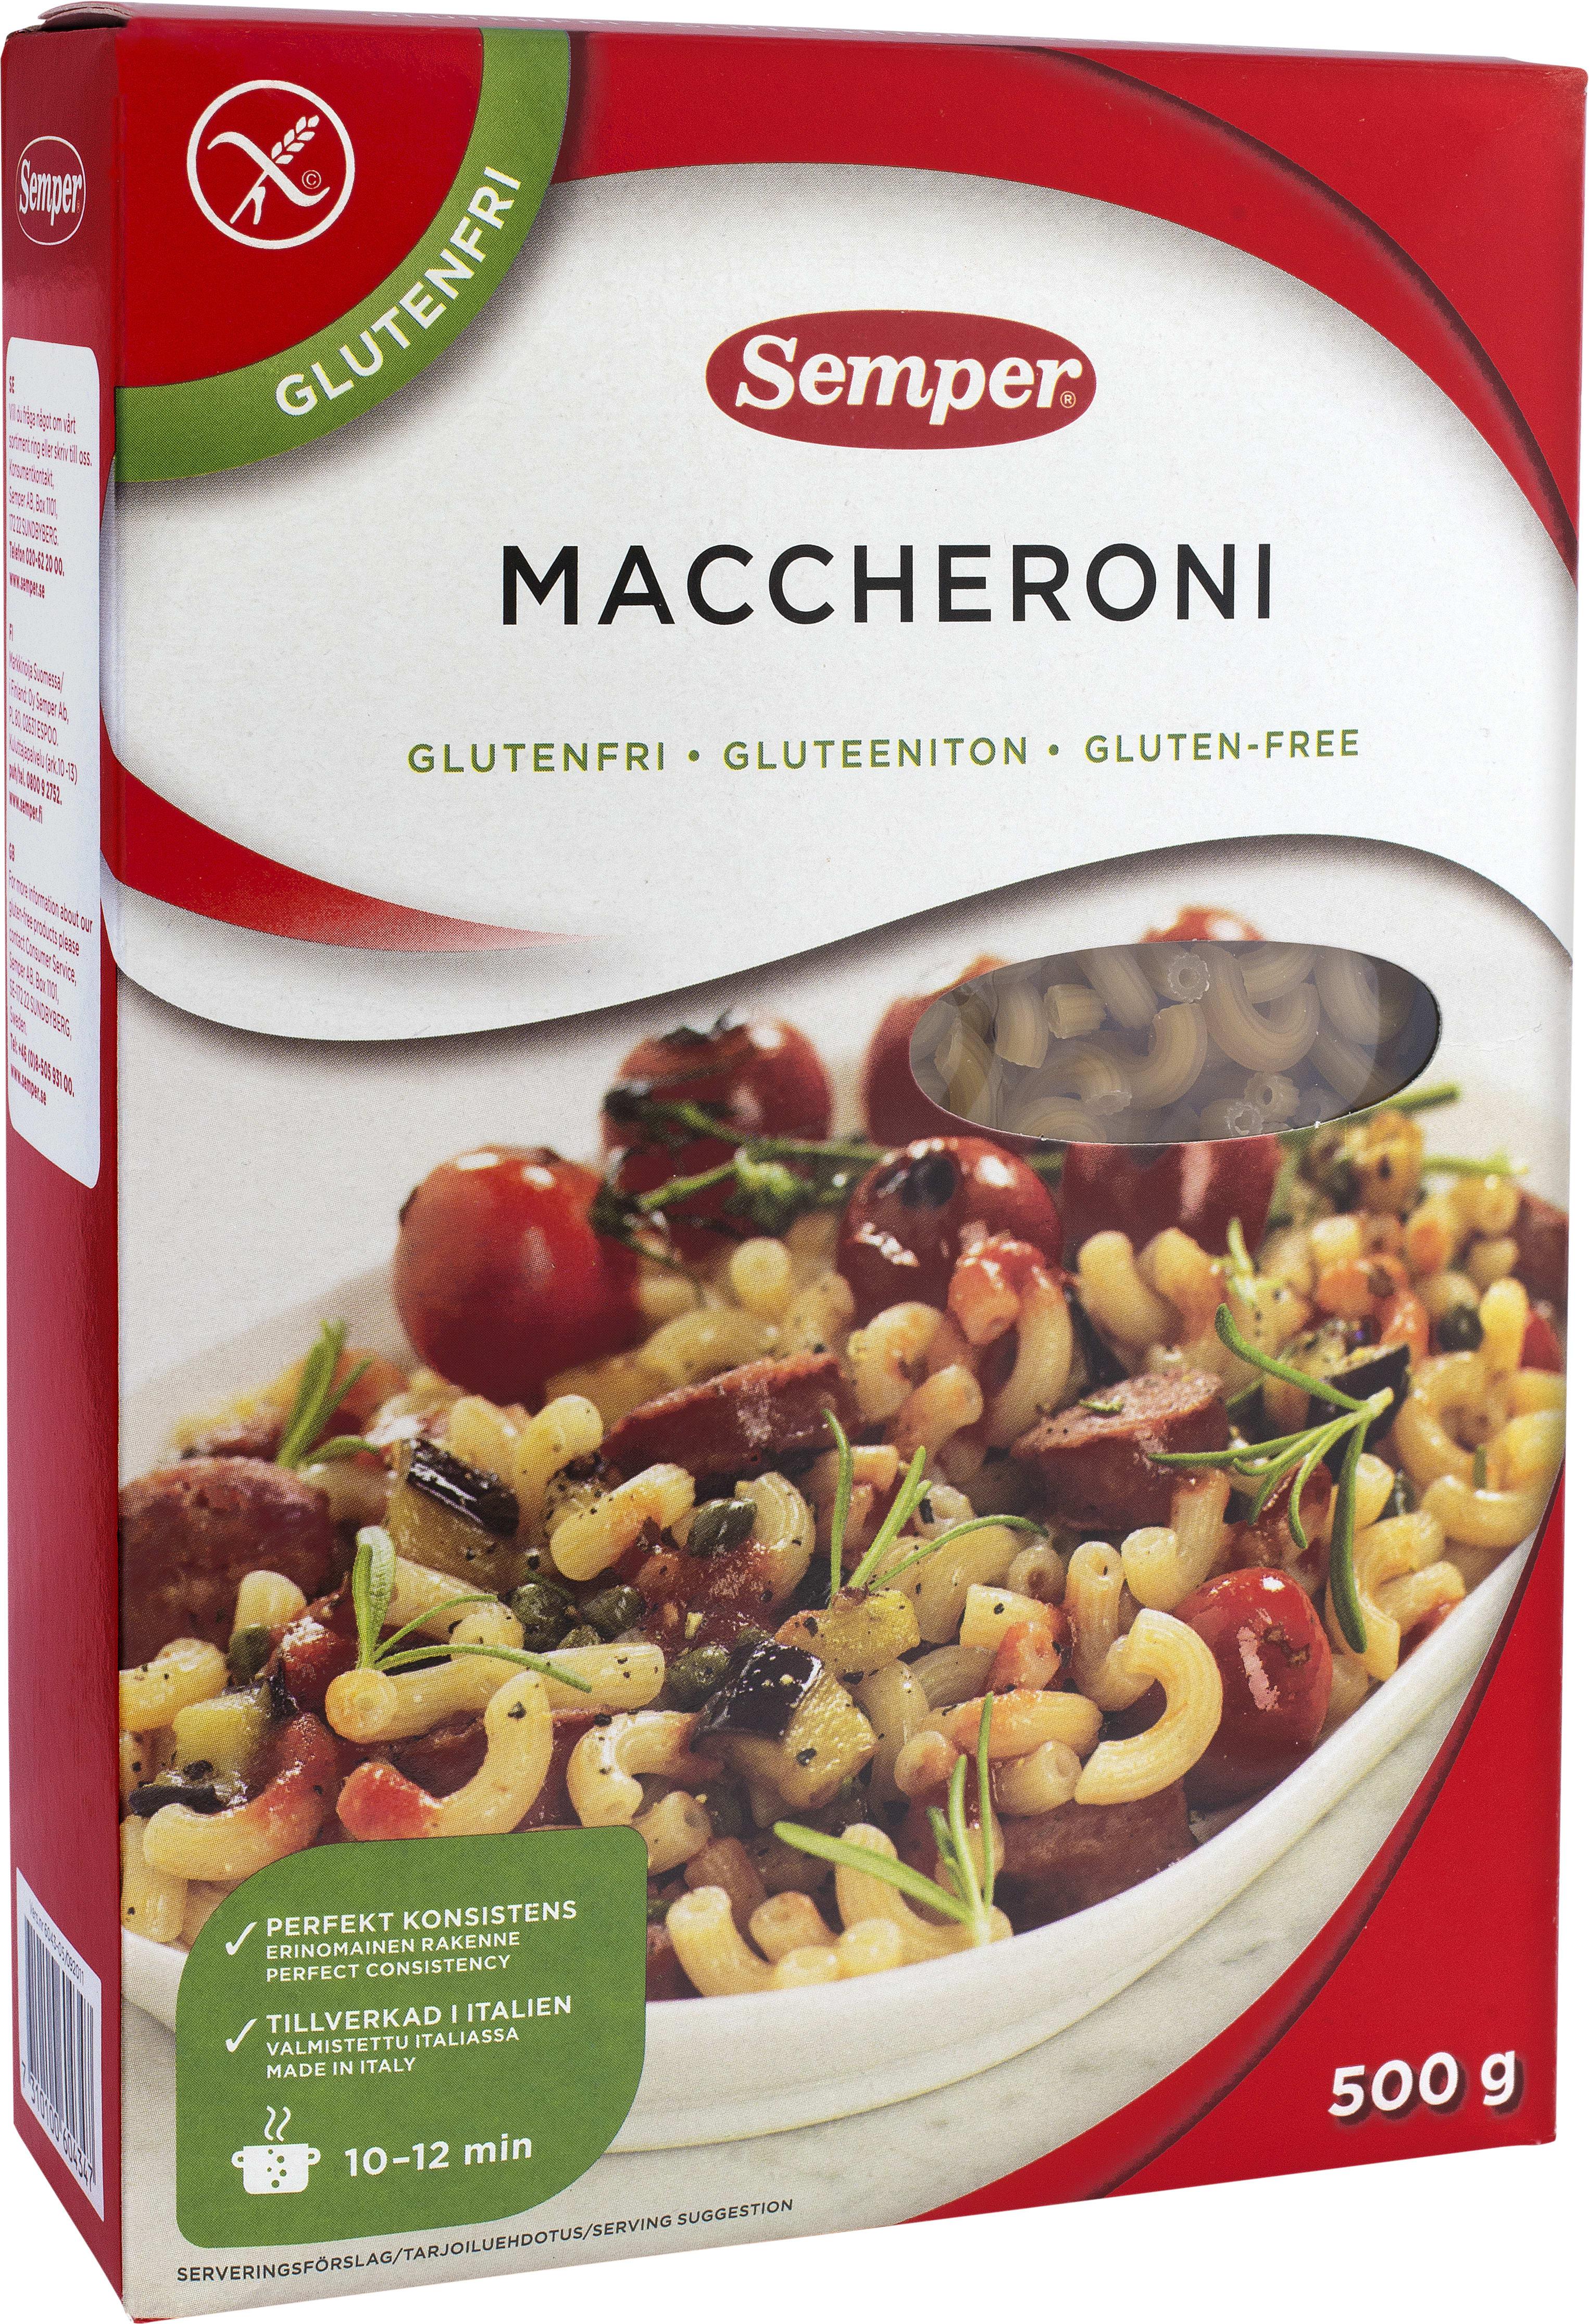 Glutenfri pasta ingredienser